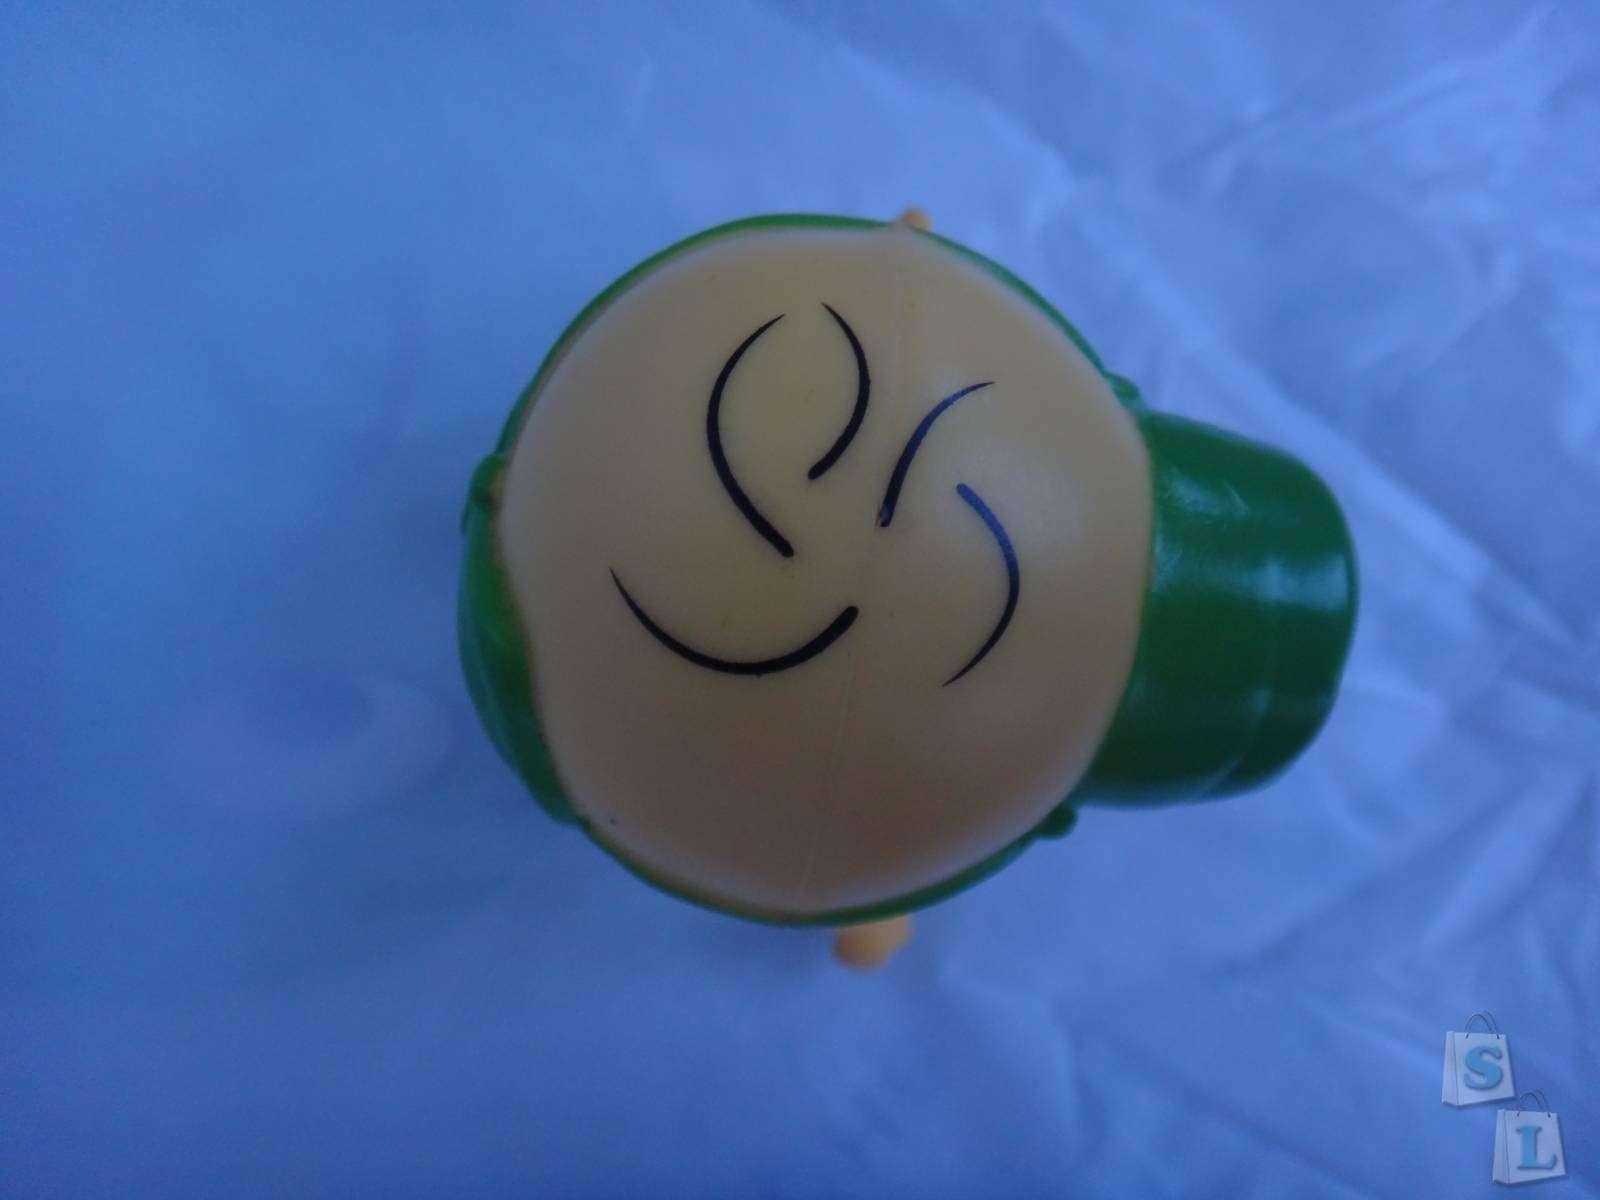 Другие: Обзор второй части коллекции миньонов из МакДоналдс ('Хеппи Милл')-Посипаки Happymeal